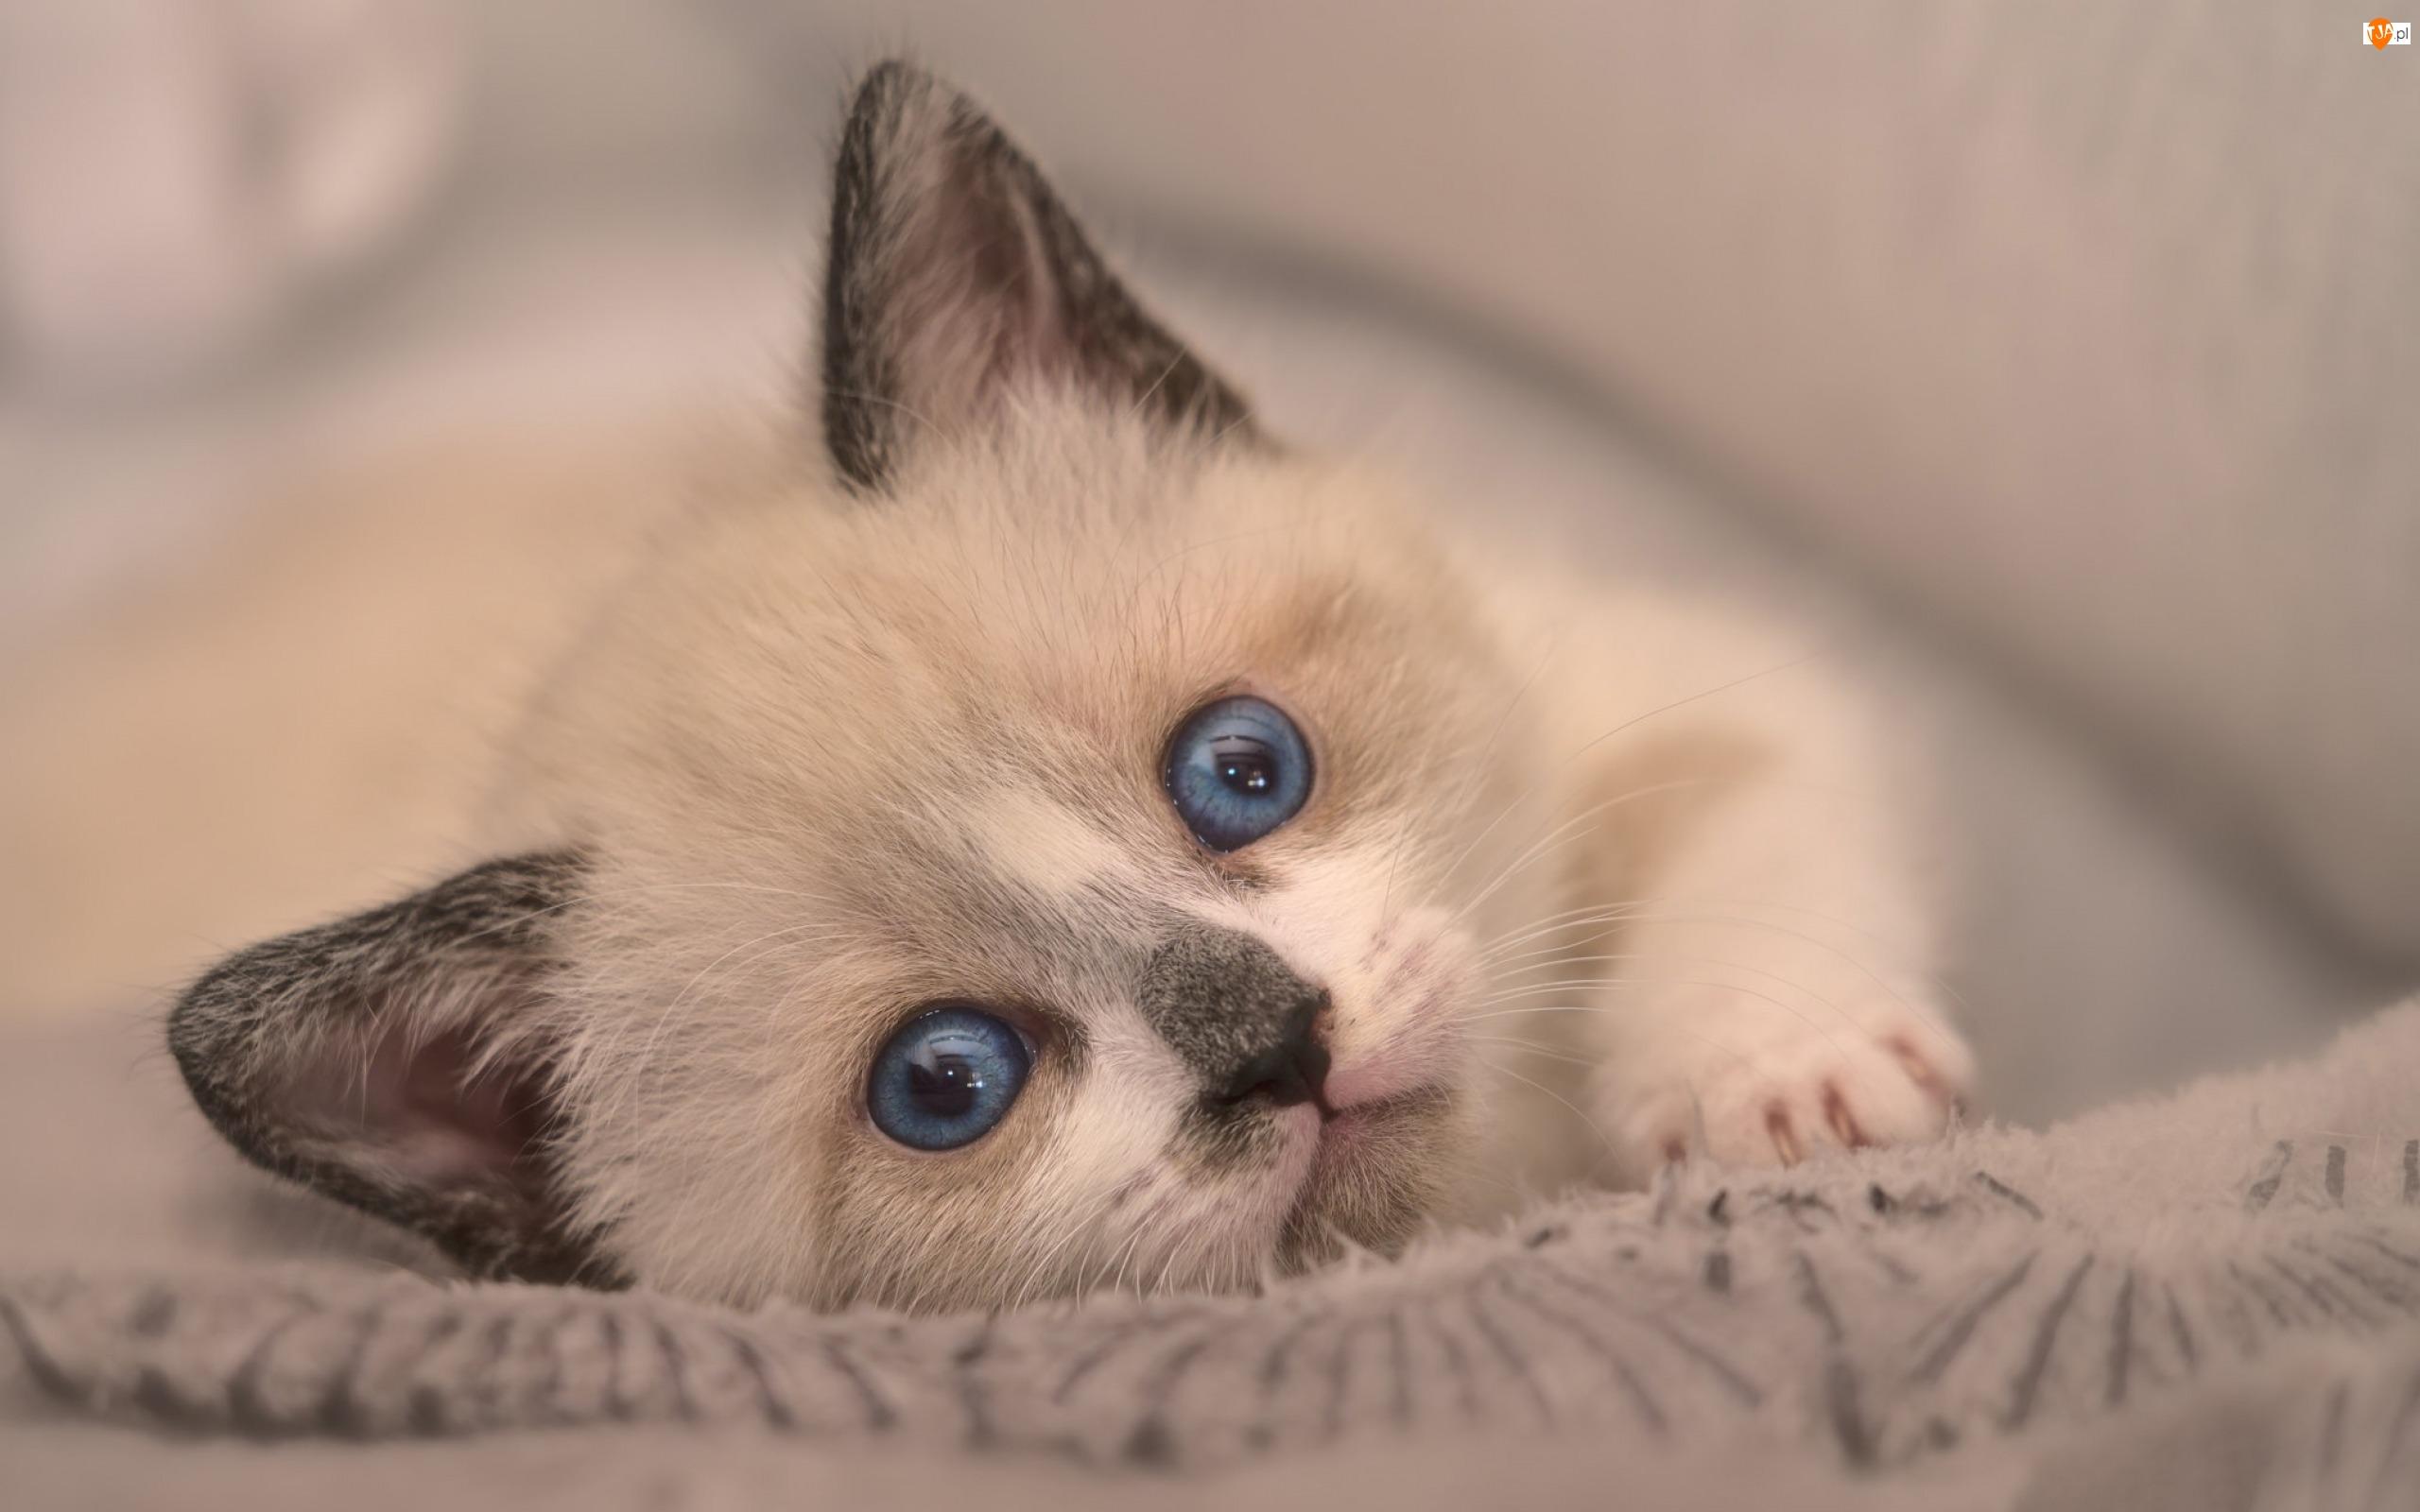 Kot, Oczy, Kotek, Mały, Niebieskie